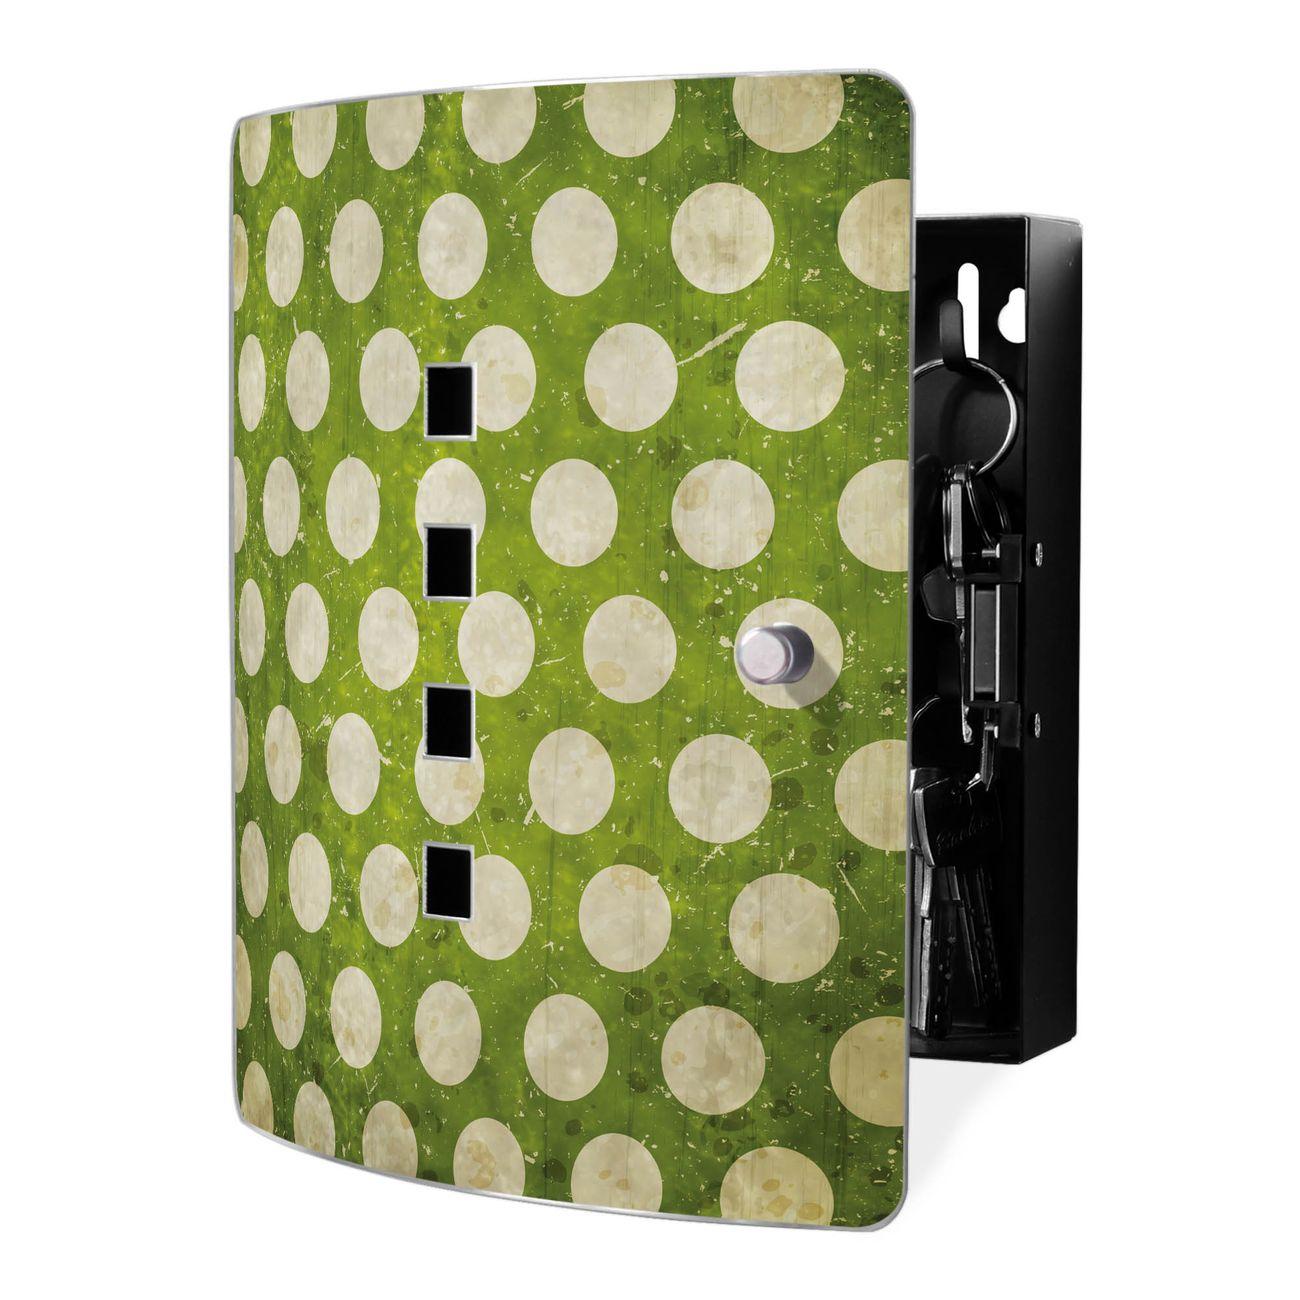 Schlüsselkasten Motiv Punkte Grün Vintage